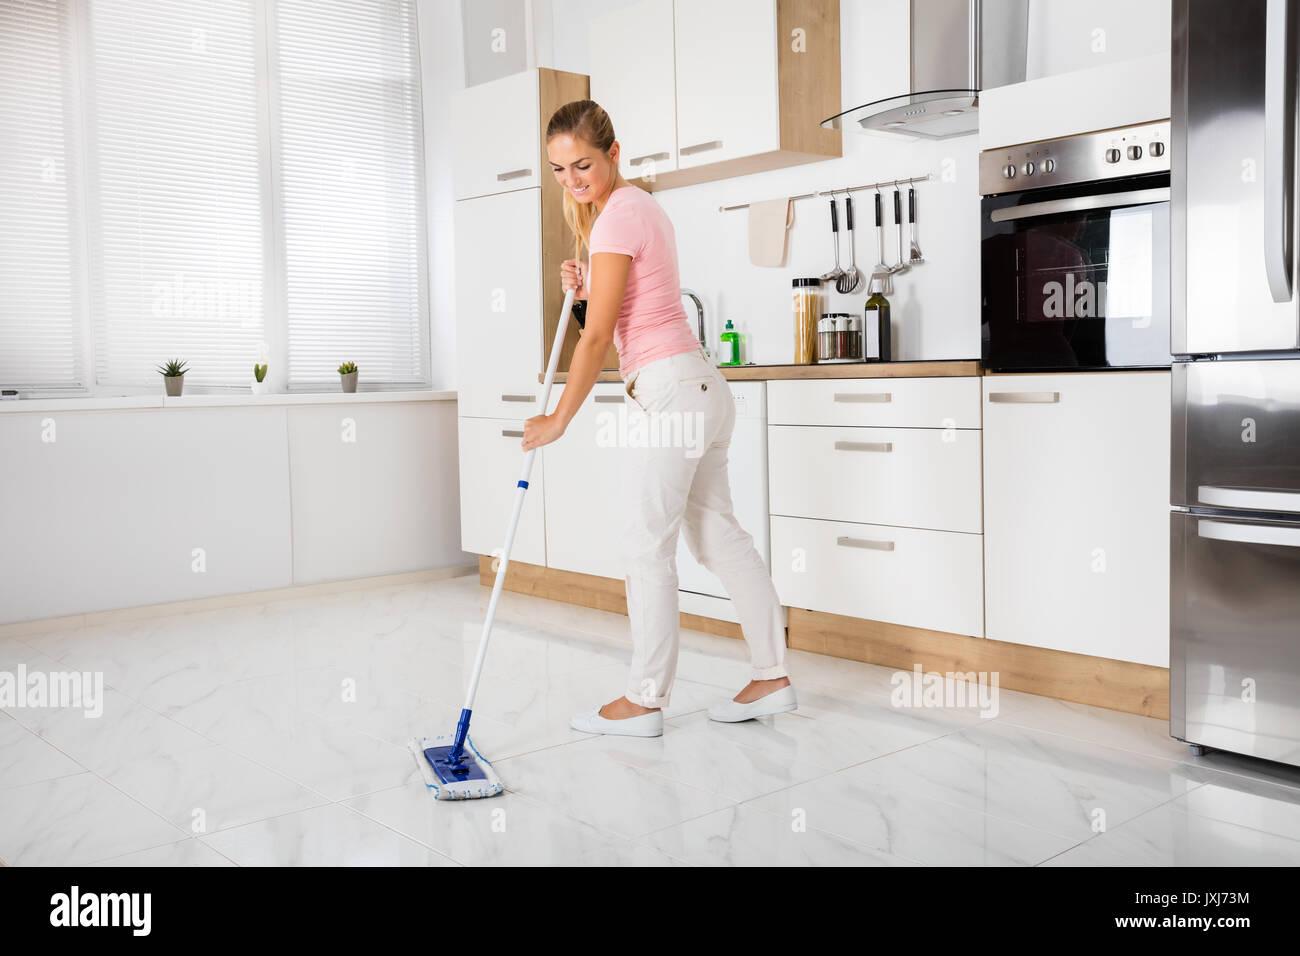 Welcher Fußboden Küche ~ Lächelnde frau mit mop reinigung reinigung fußboden in der küche